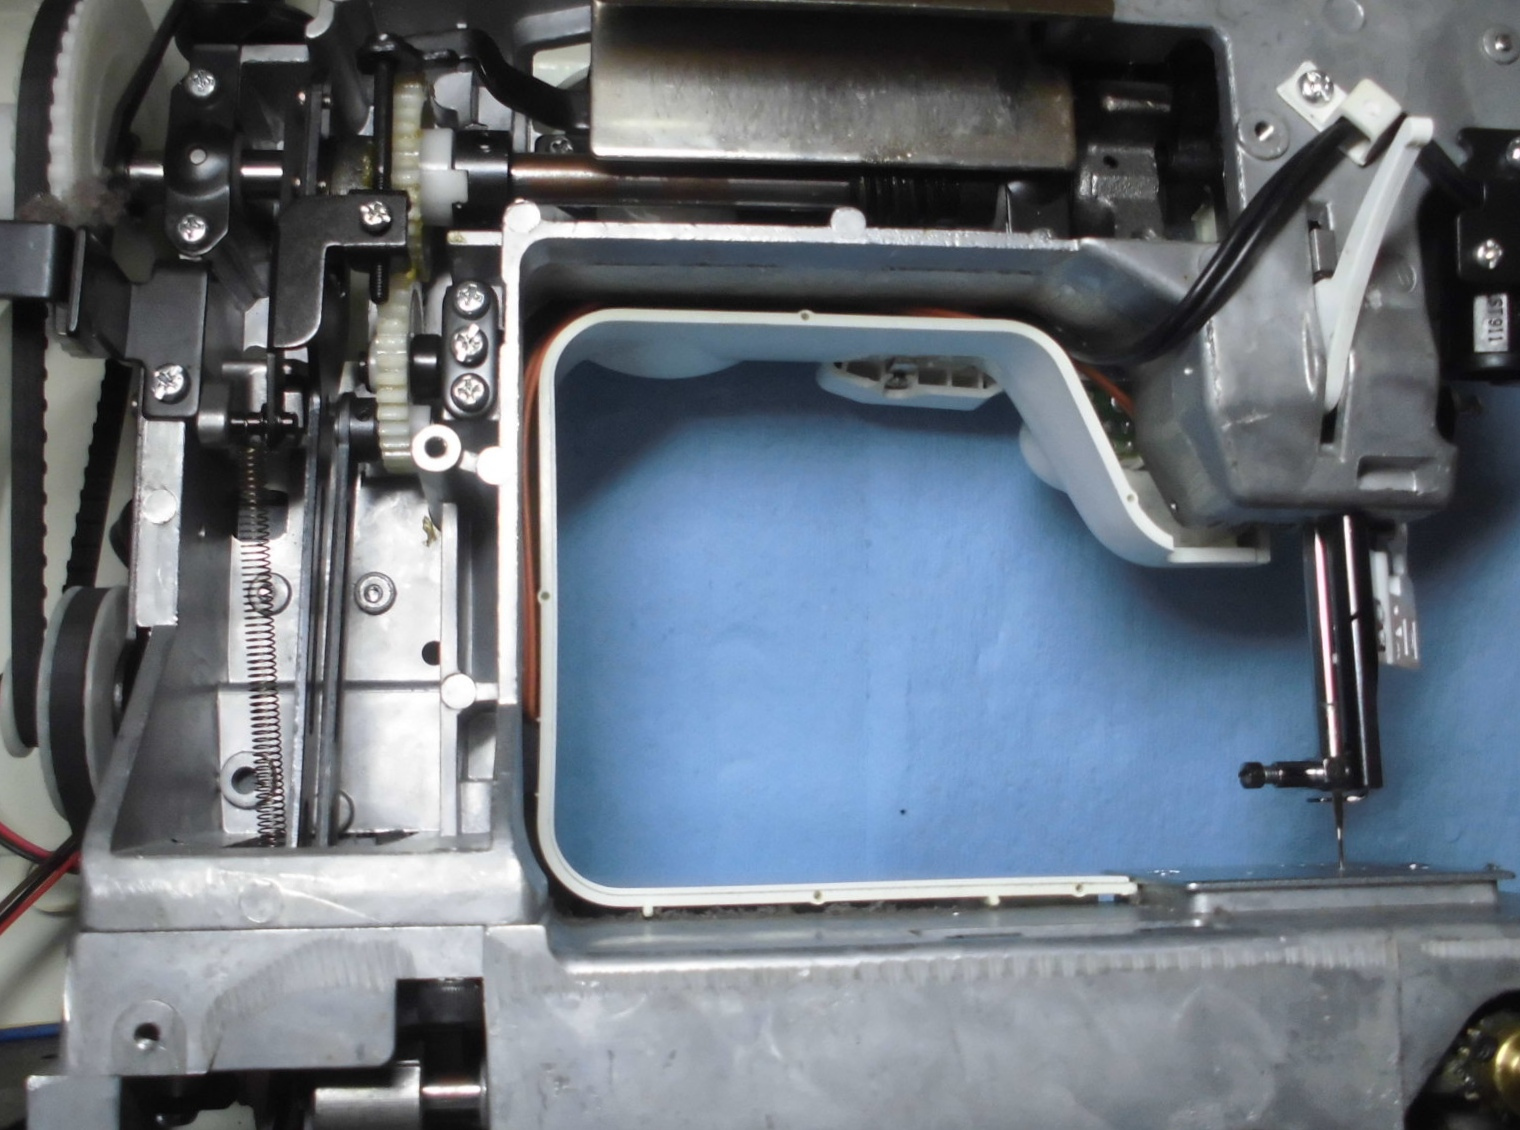 AG-003の分解オーバーホールメンテナンス修理|アックスヤマザキミシン(カタログハウス)